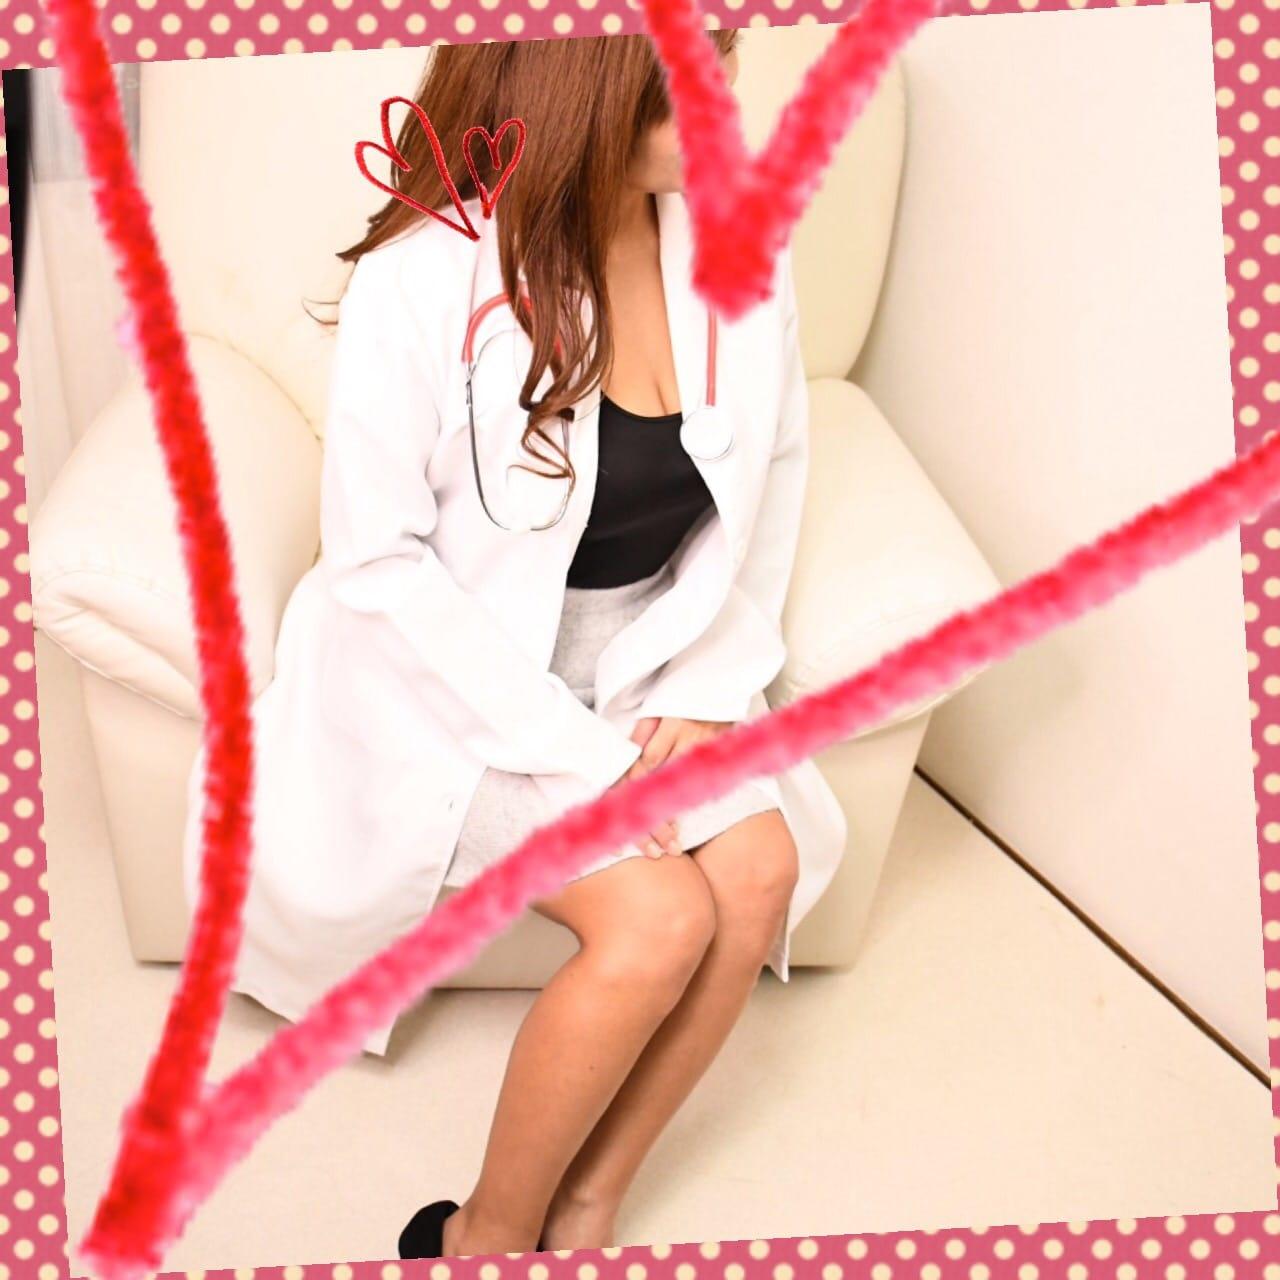 「泣く(T_T)」04/07(土) 22:03 | 七瀬さんの写メ・風俗動画